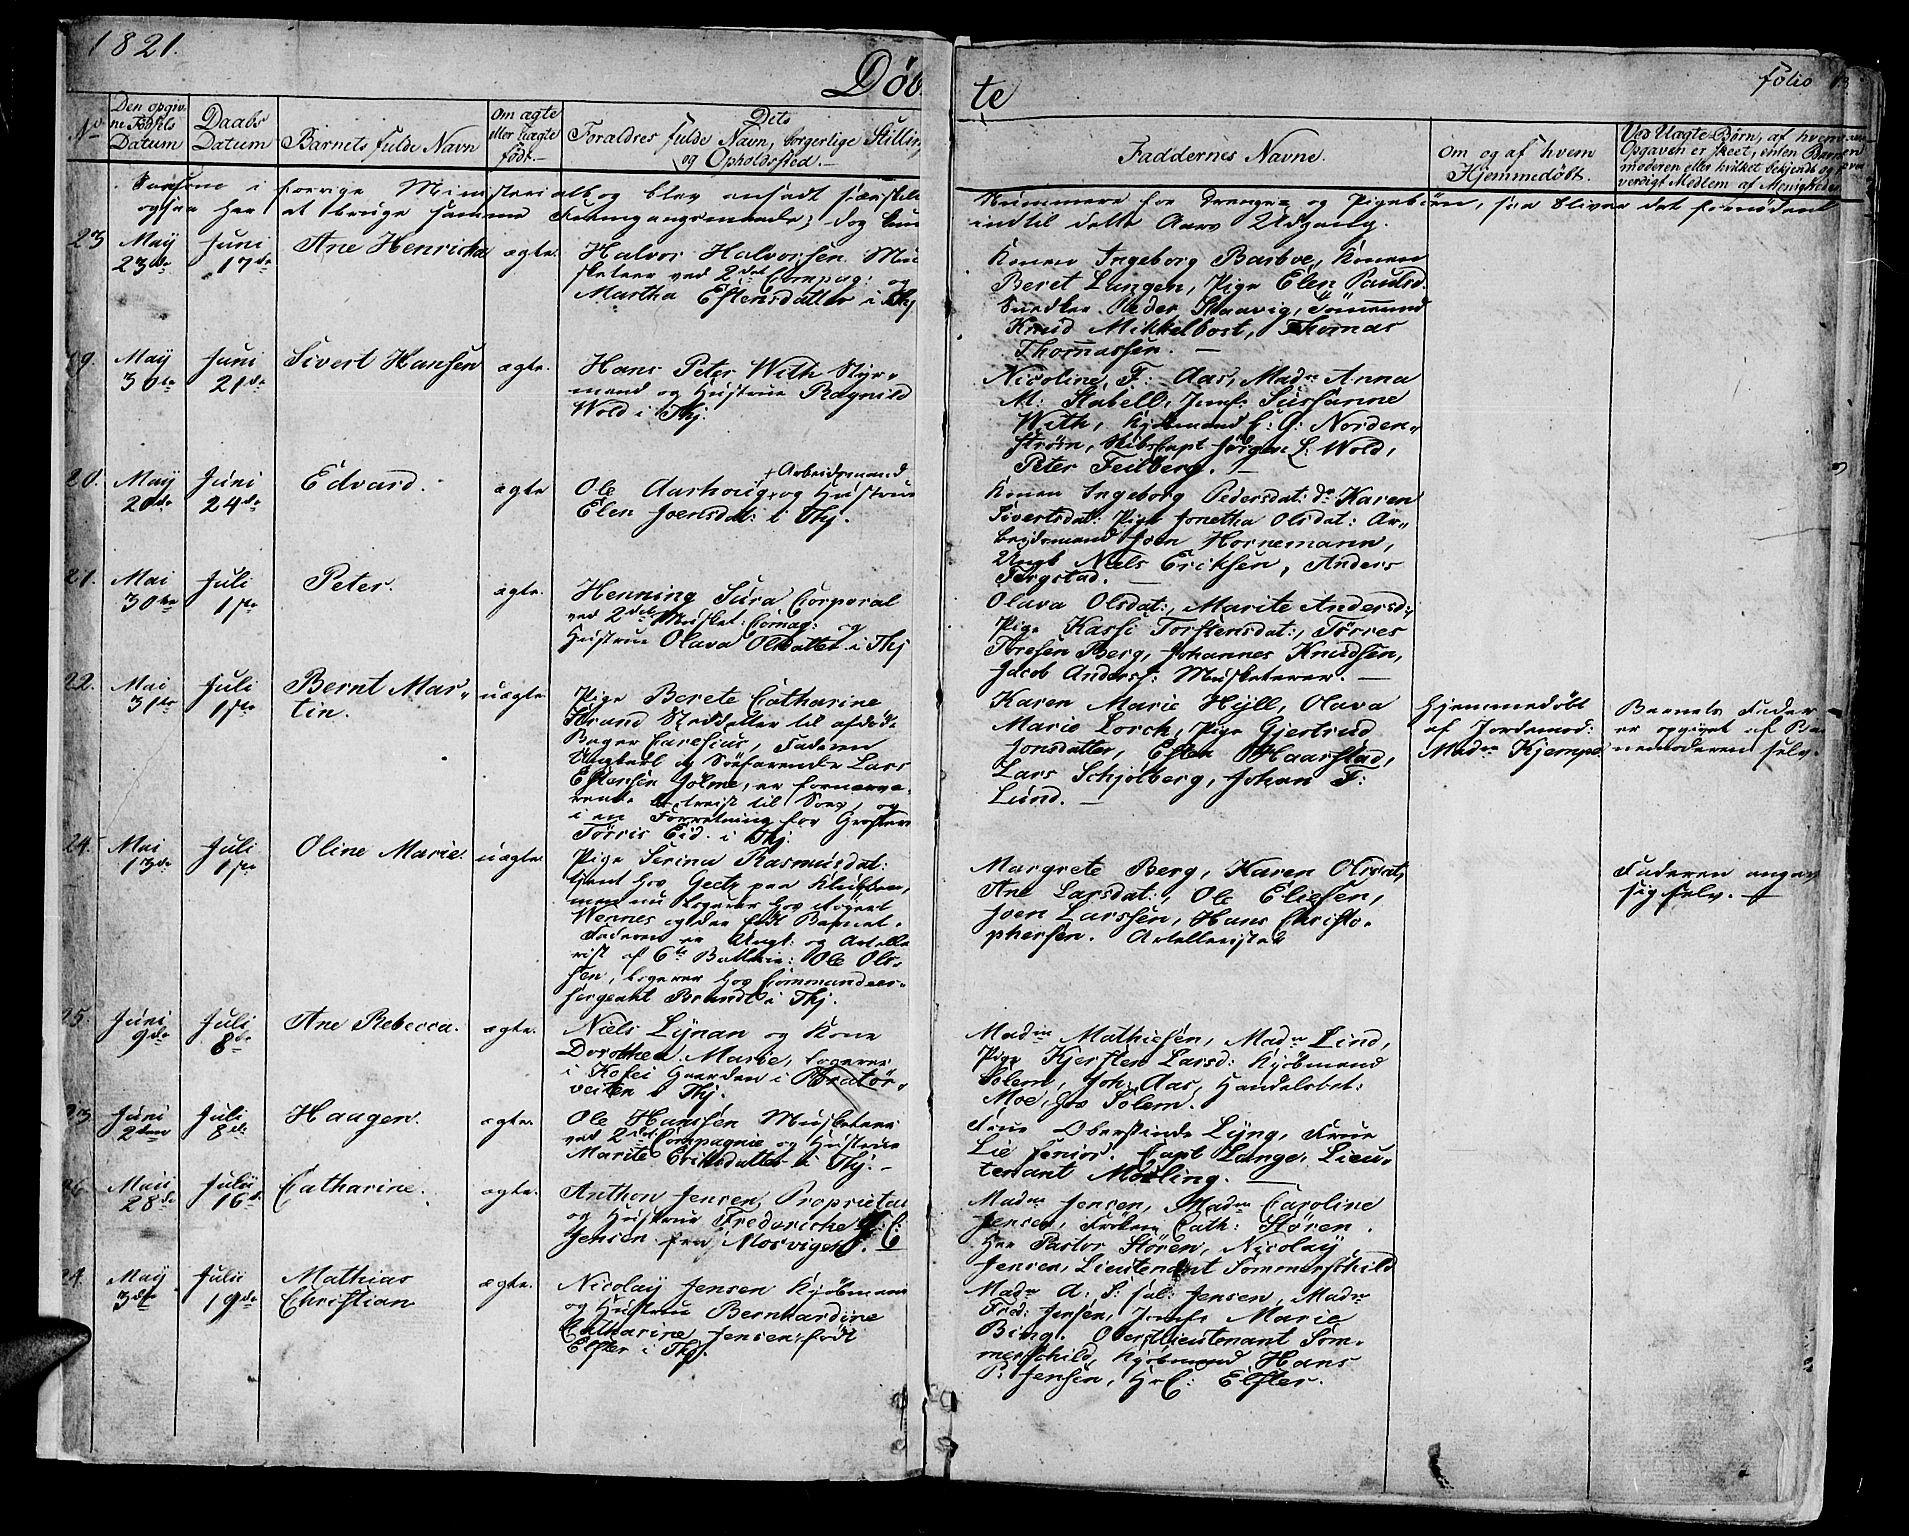 SAT, Ministerialprotokoller, klokkerbøker og fødselsregistre - Sør-Trøndelag, 602/L0108: Ministerialbok nr. 602A06, 1821-1839, s. 1